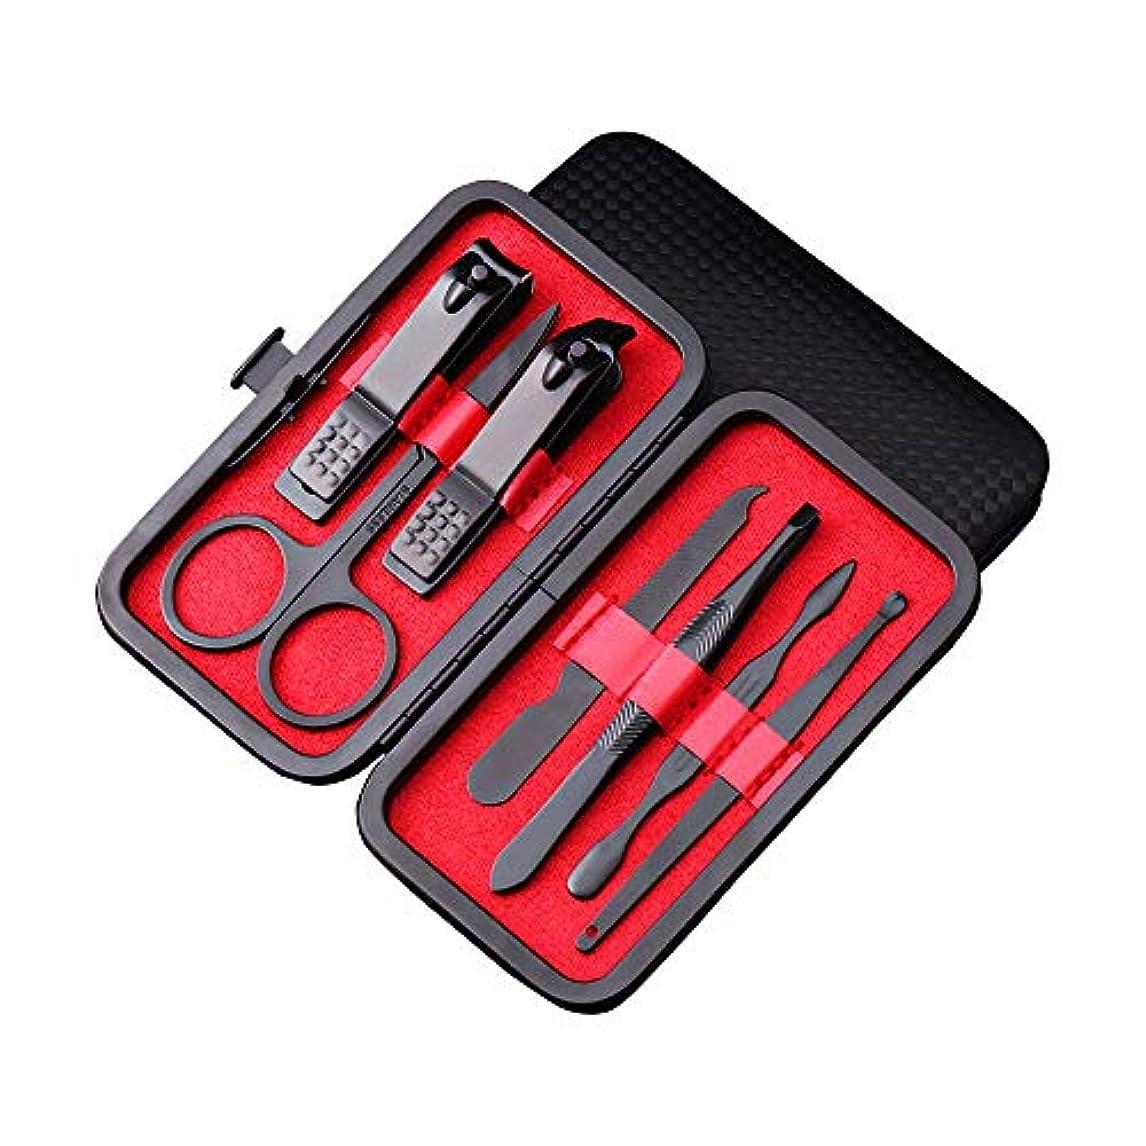 ようこそ眉をひそめる今日マニキュアネイルクリッパーセット-ブラックポータブル旅行衛生キットステンレススチールネイルカッターツールセット、レザートラベルケース付き、7個セット